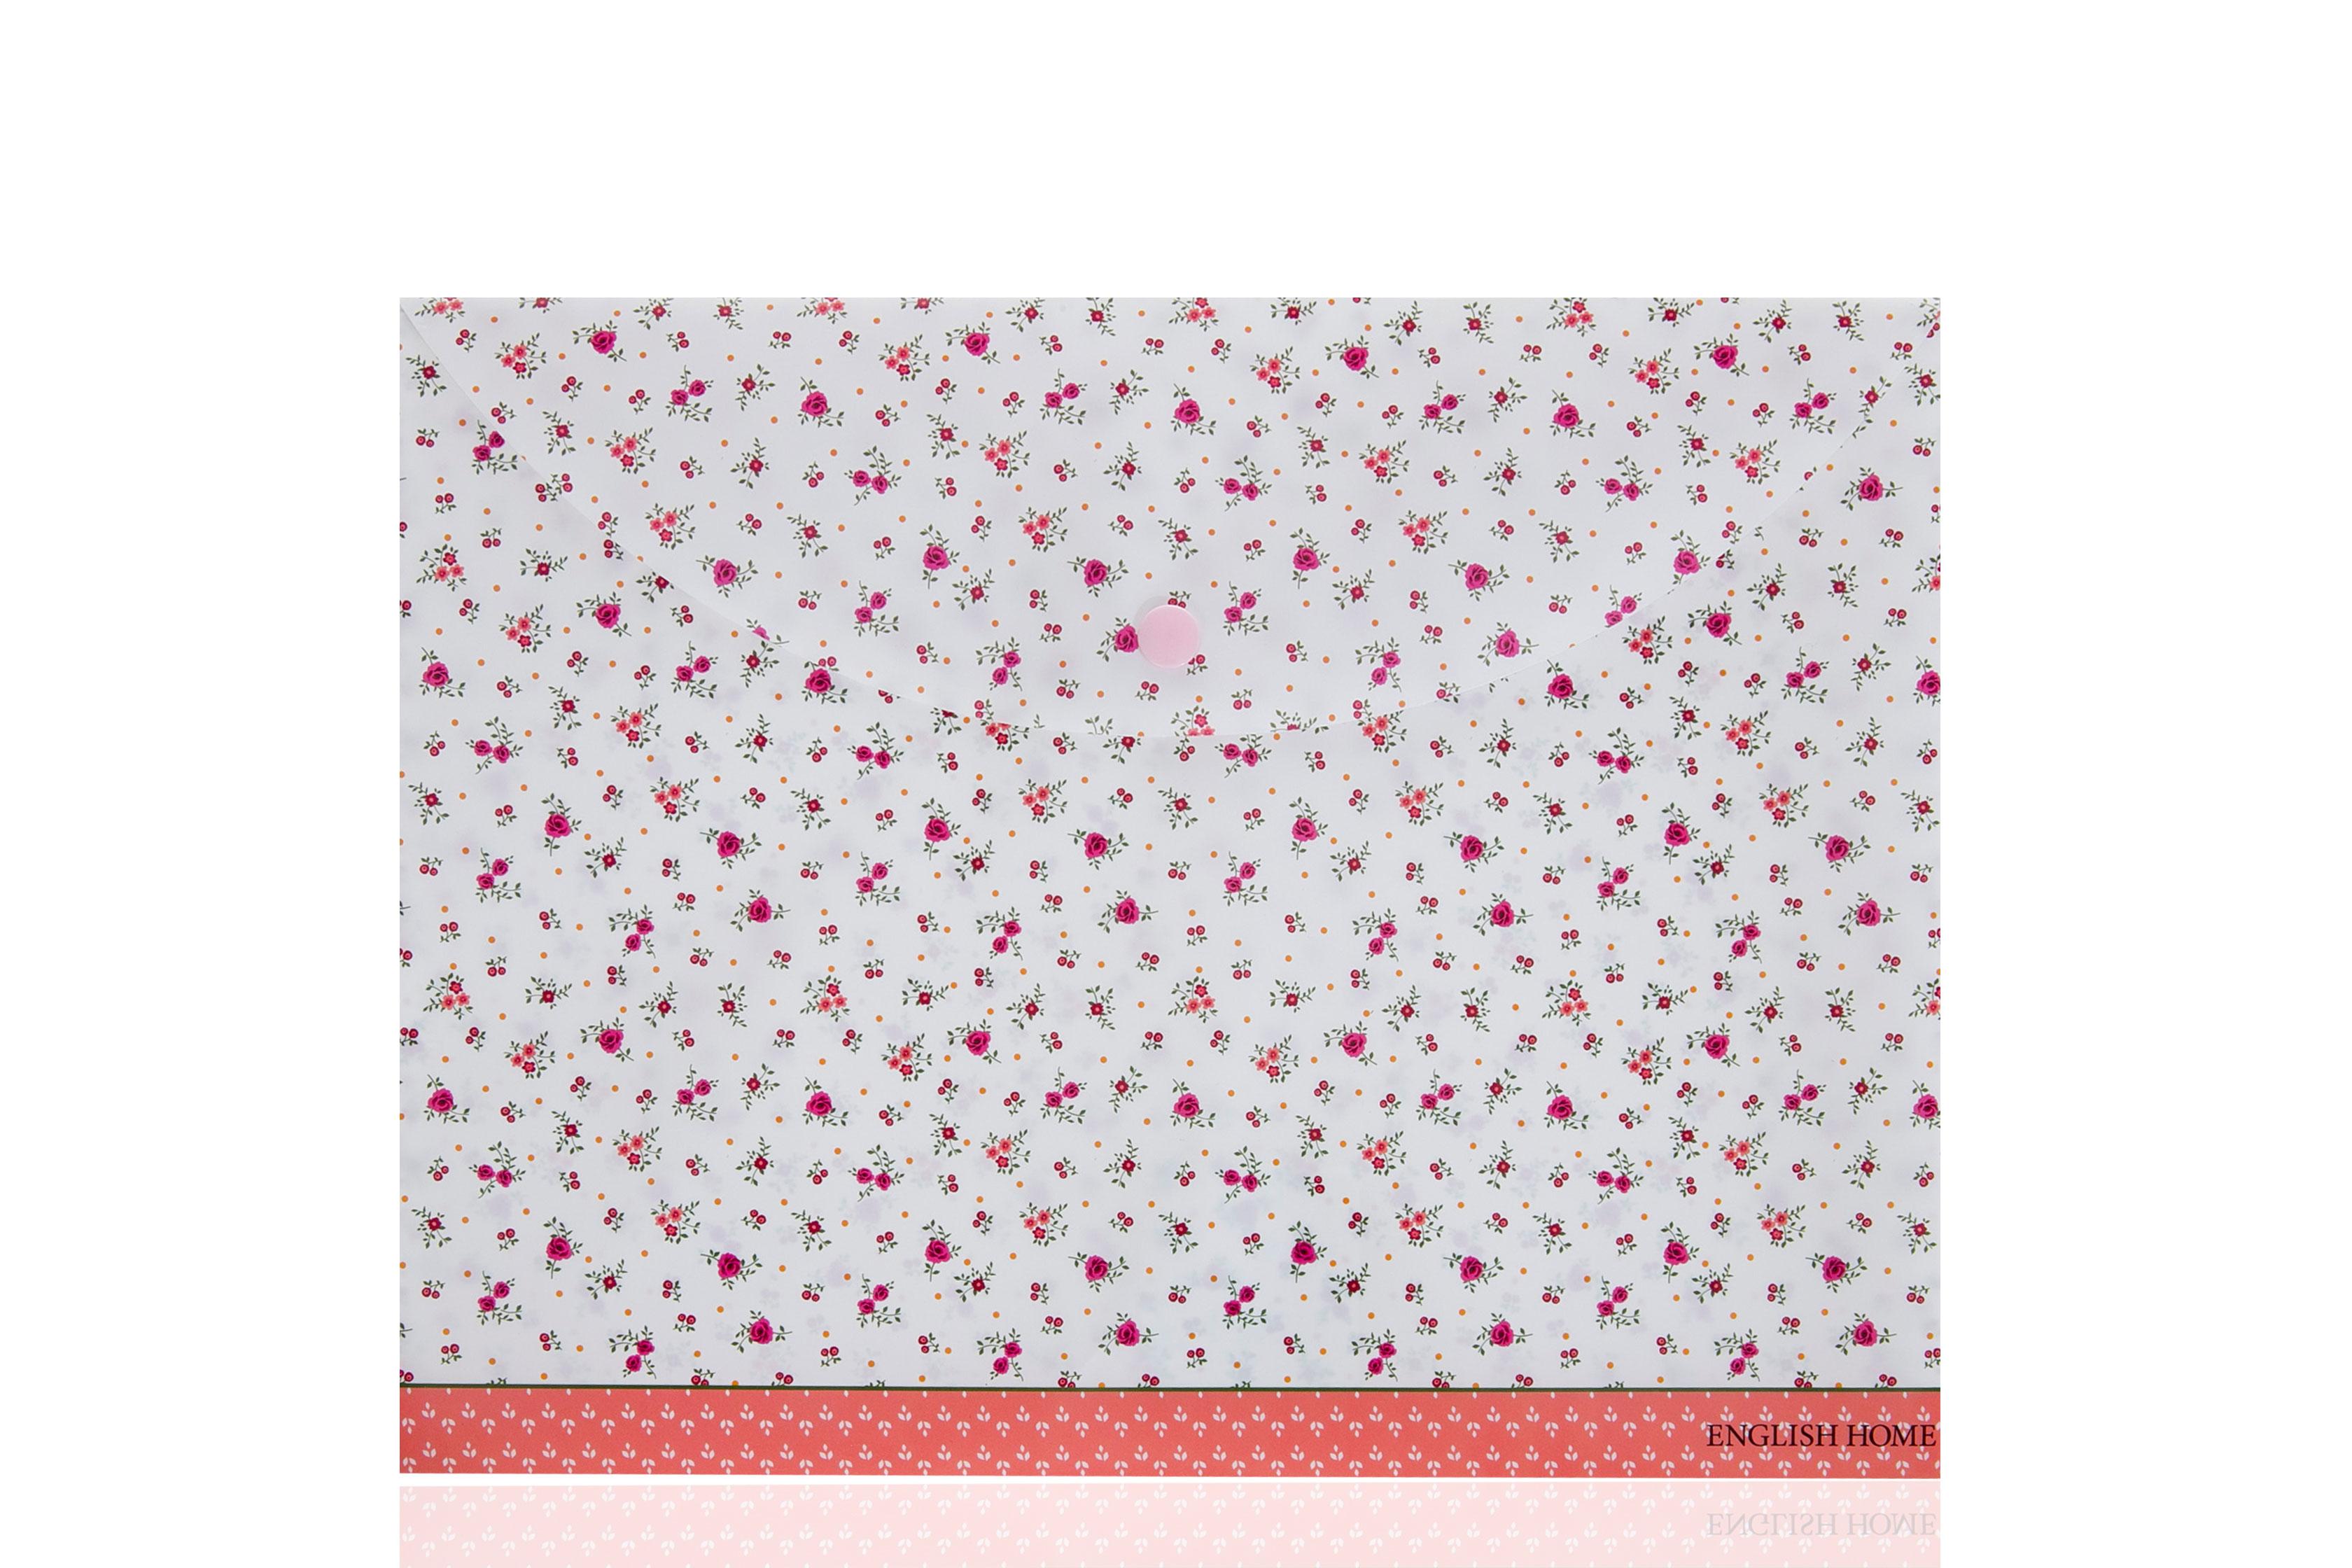 Rosey Çıtçıtlı Dosya 24x33 Cm Beyaz